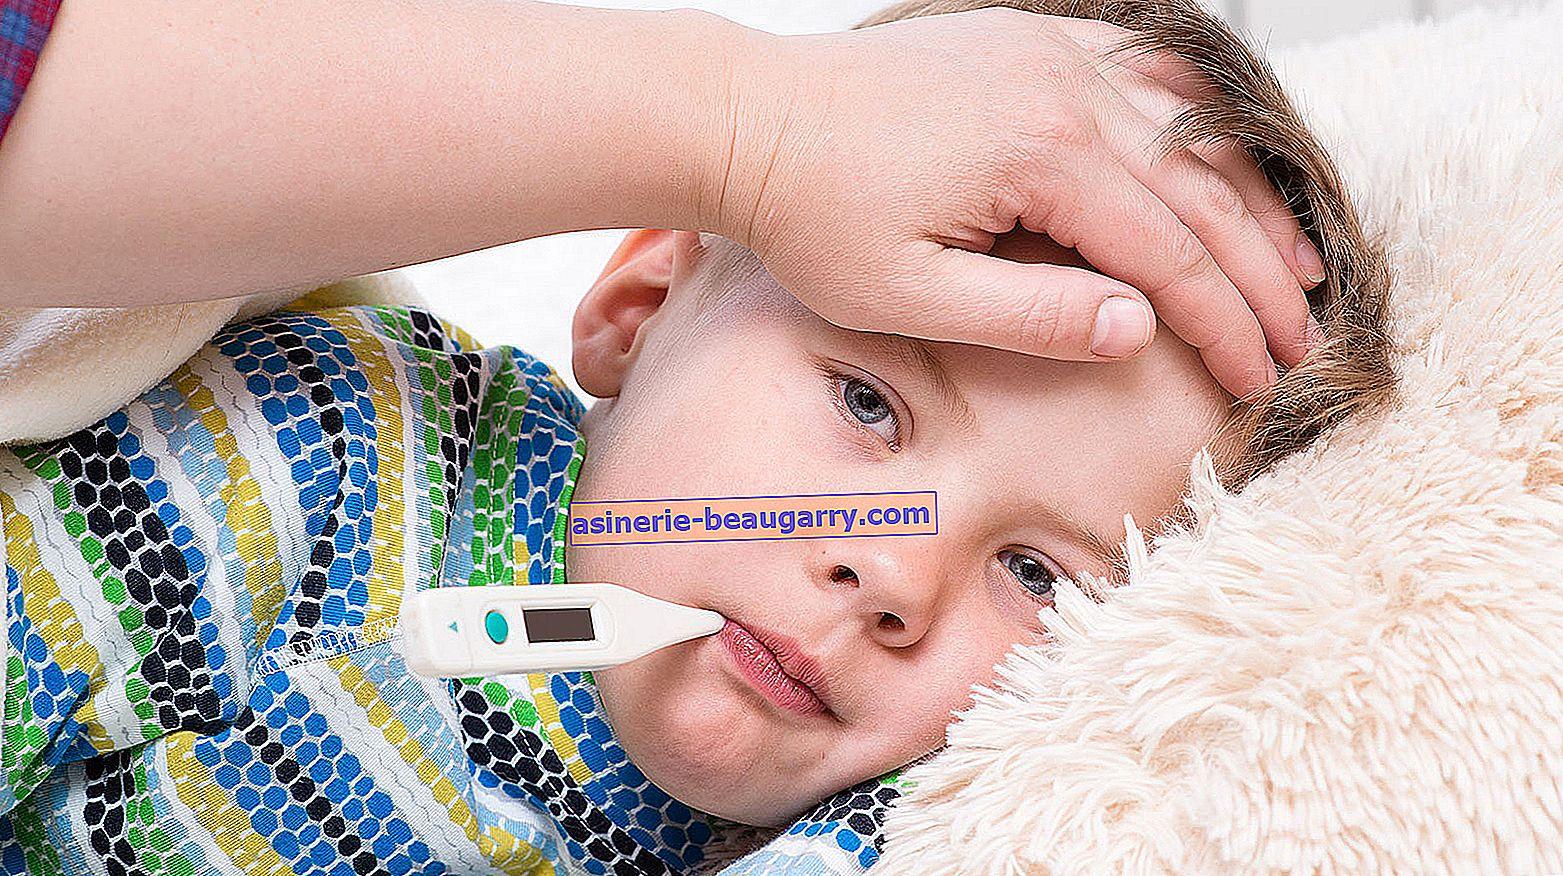 Внимание към шестия риск от заболяване при деца през зимата!